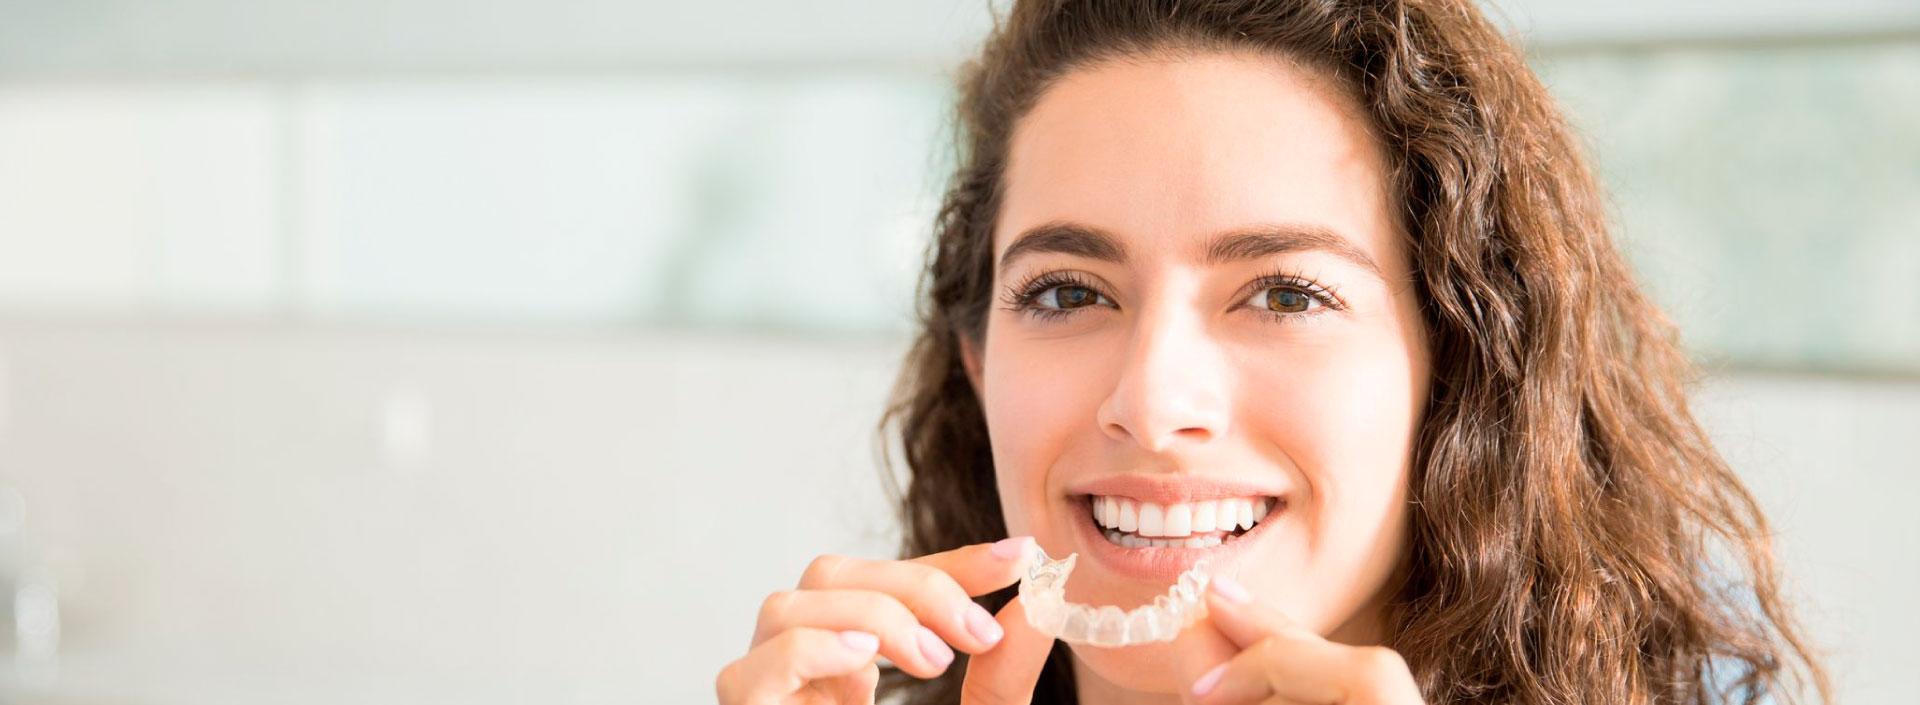 Ortodoncia y Brackets en Elda y Petrer, Clínica dental Comisura